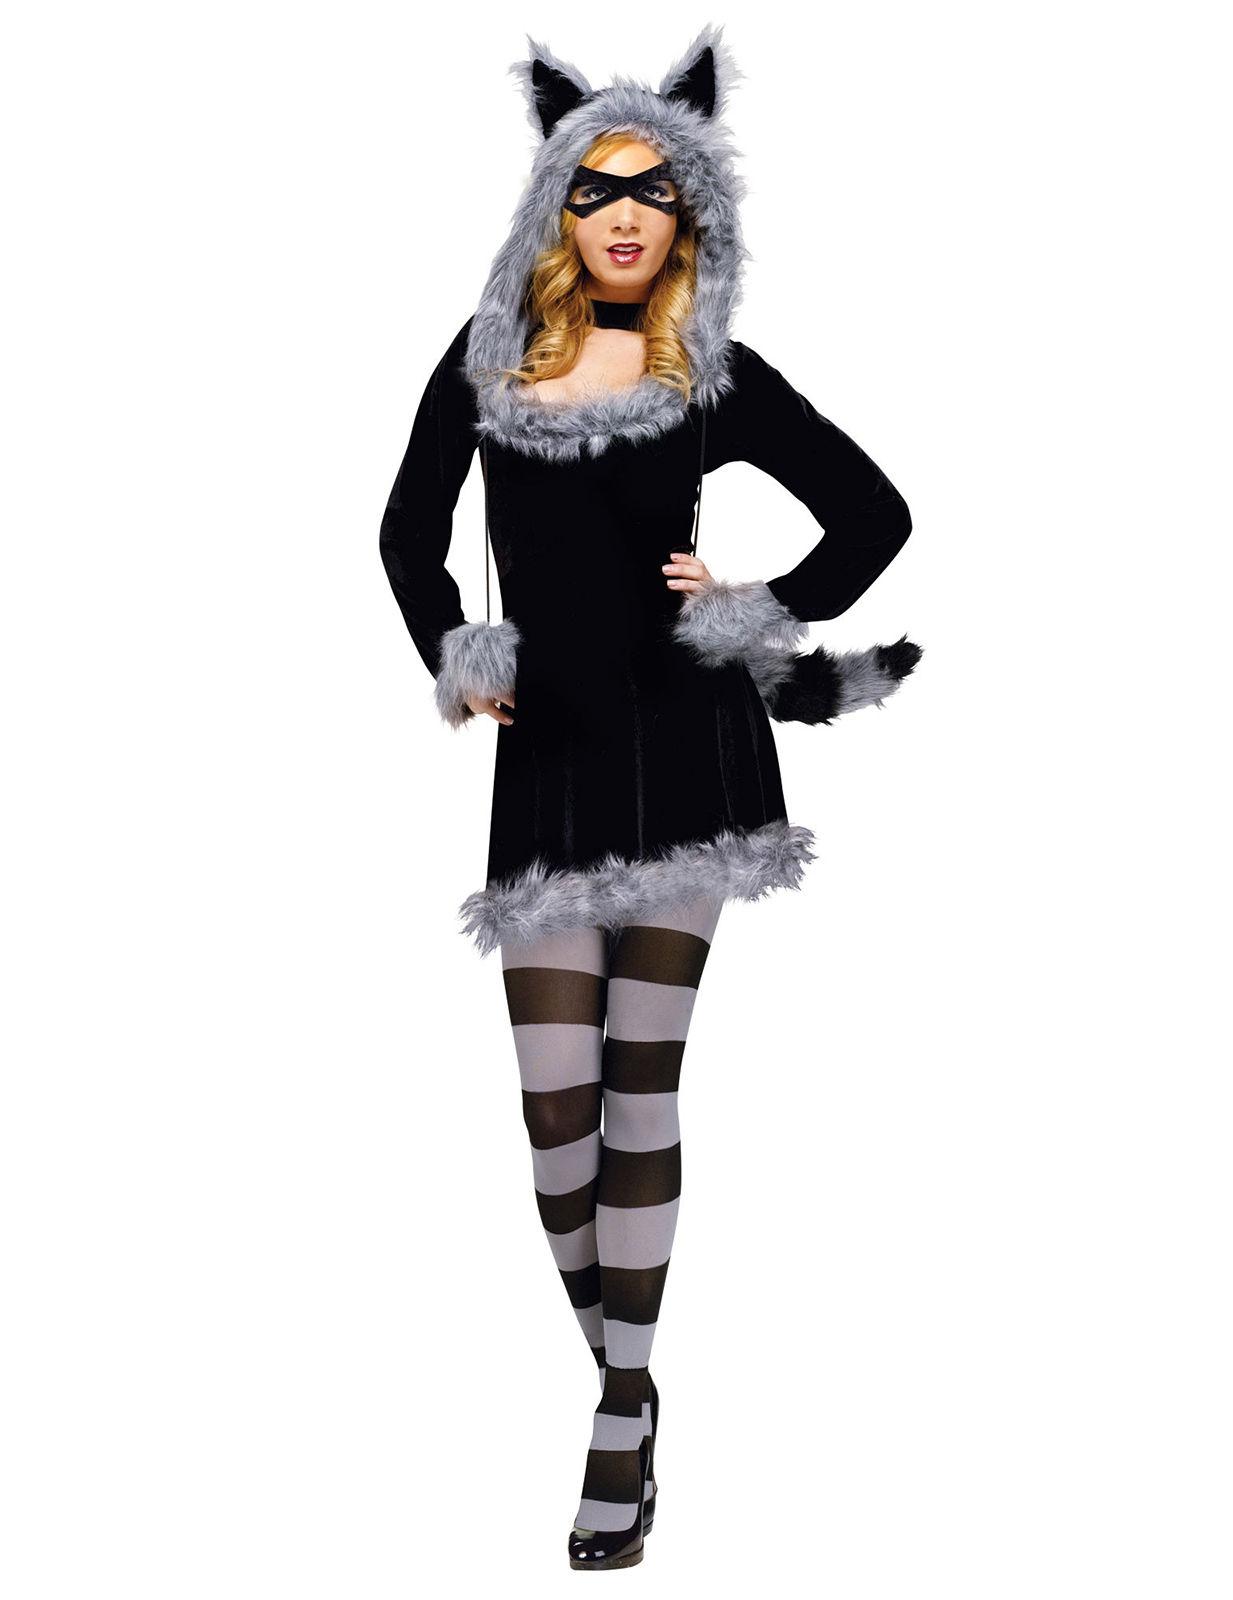 Carnavalskleding Goedkoop Dames.Sexy Wasbeer Kostuum Voor Vrouwen Volwassenen Kostuums En Goedkope